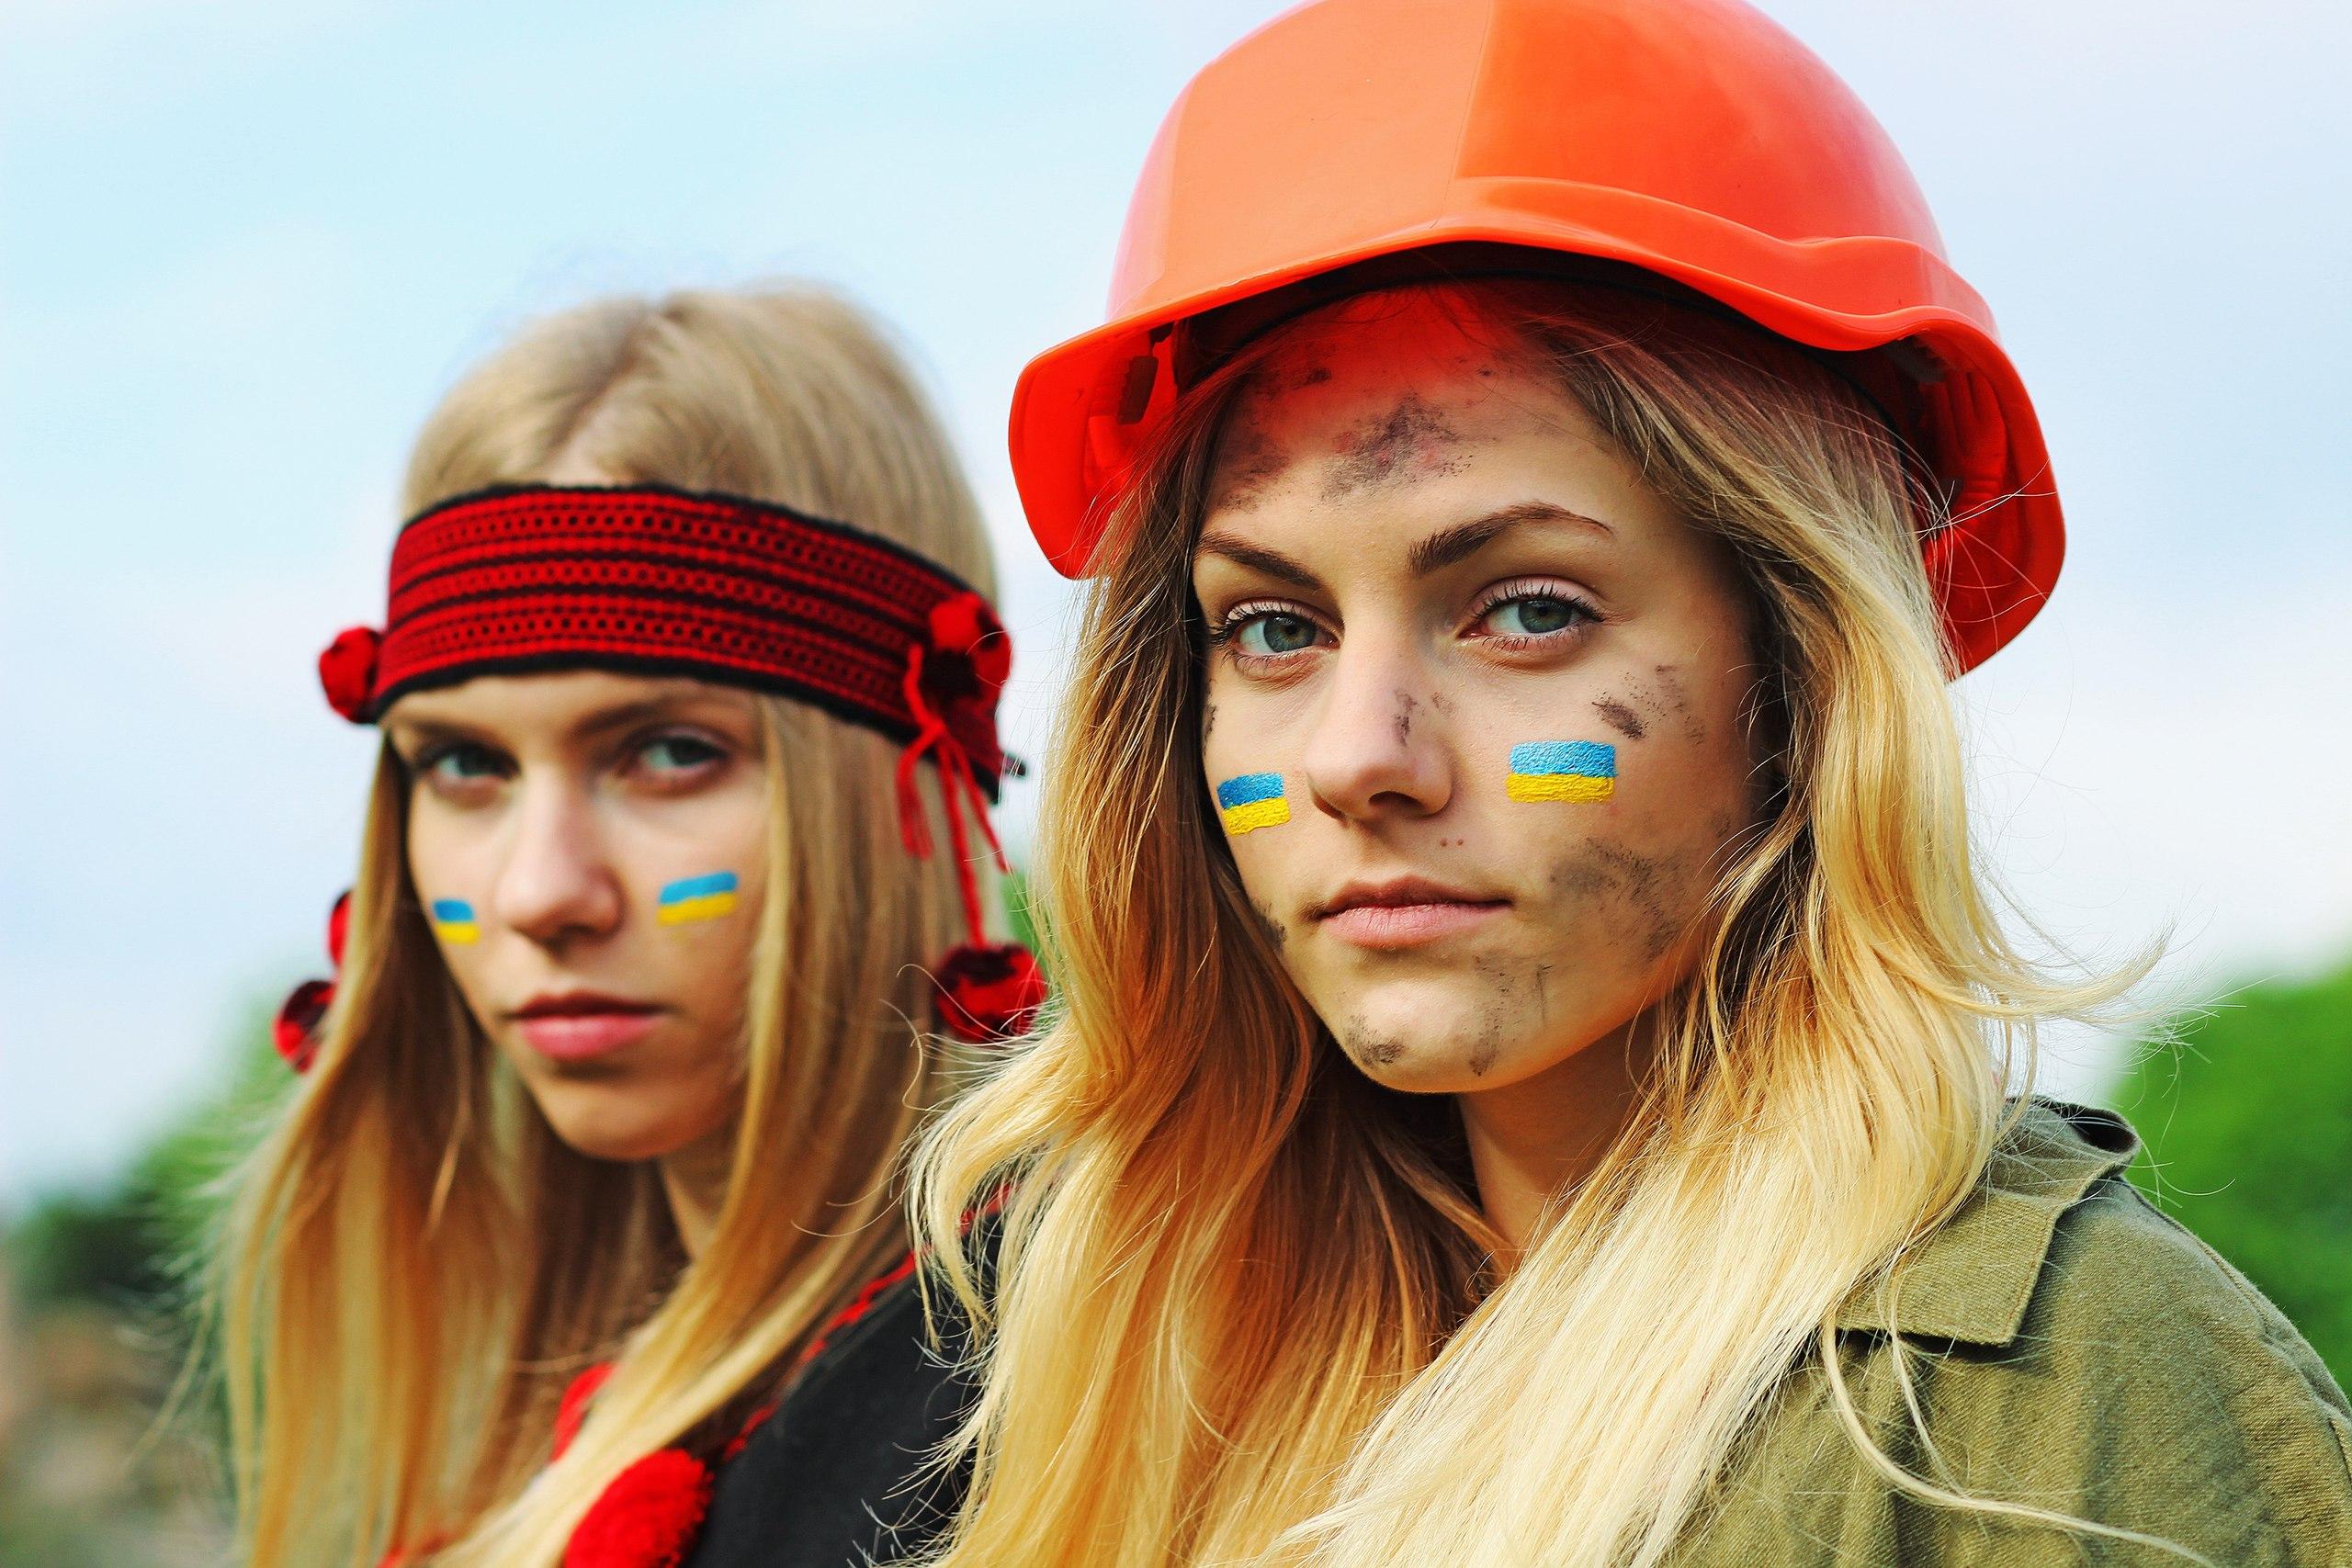 Восток и Запад должныбыть вместе. Фото со страницы Вконтакте Владимира Киселя a.k.a. Klever